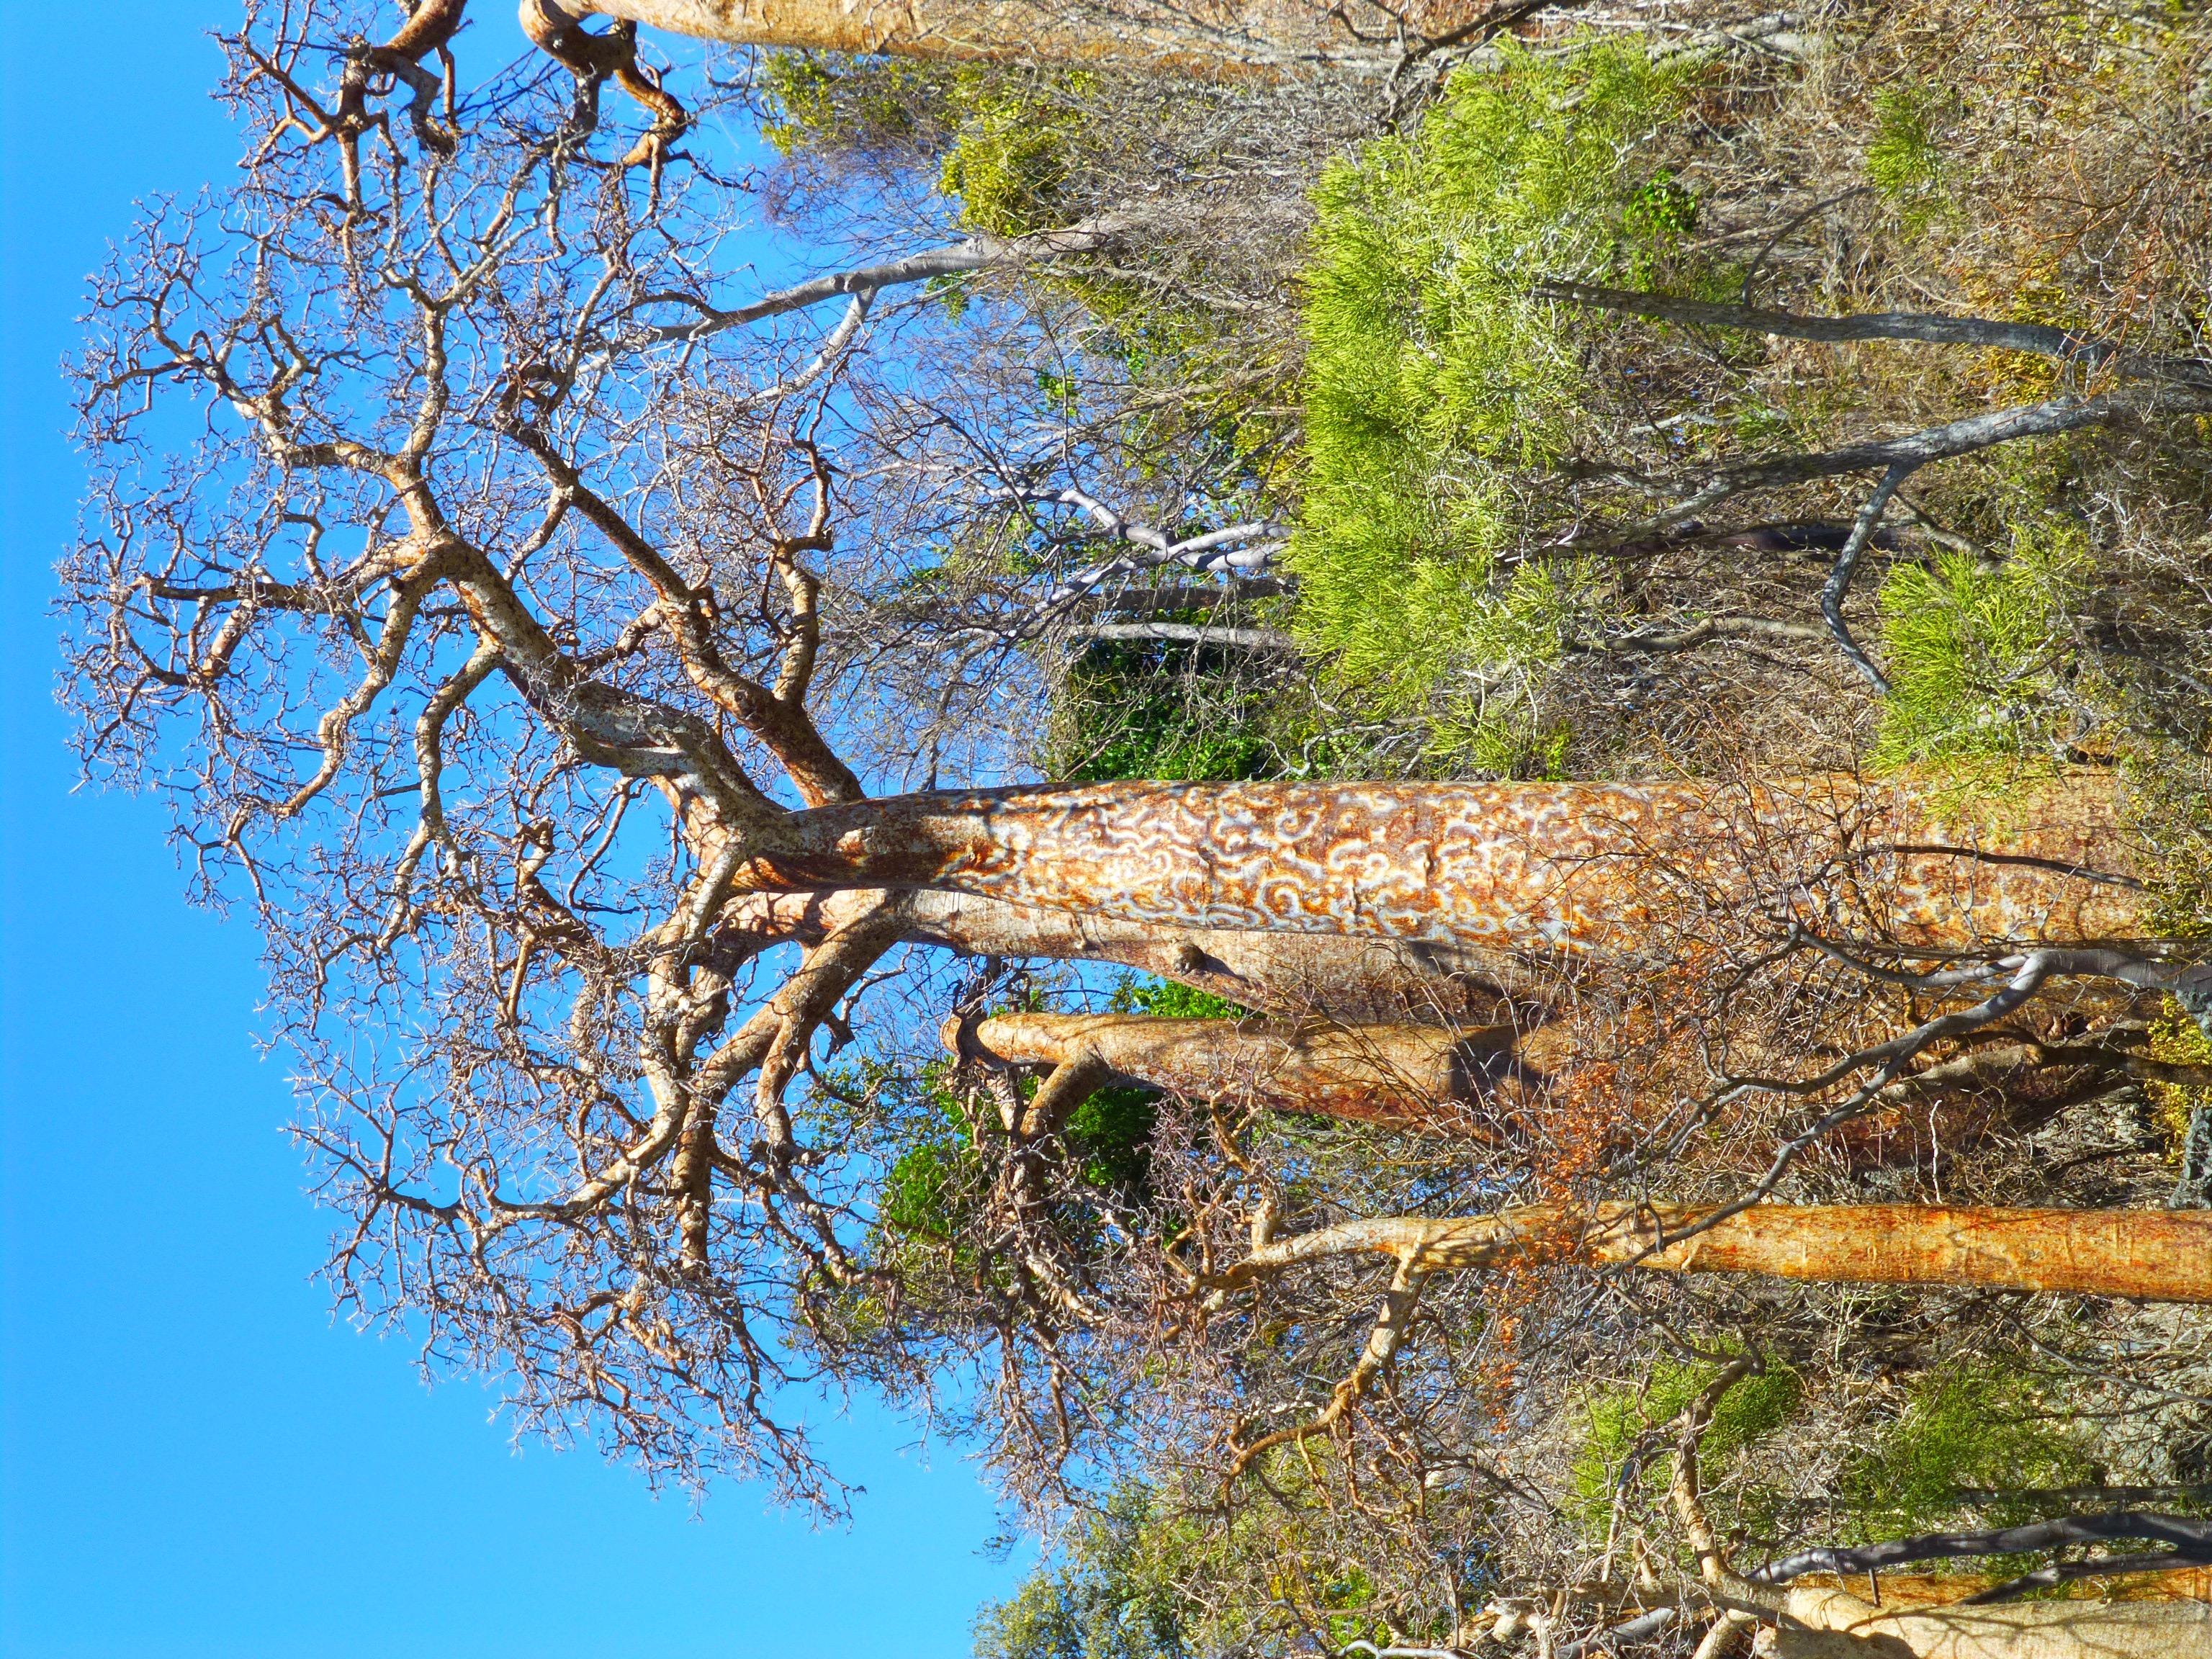 Baobab adansonia rubropstipa